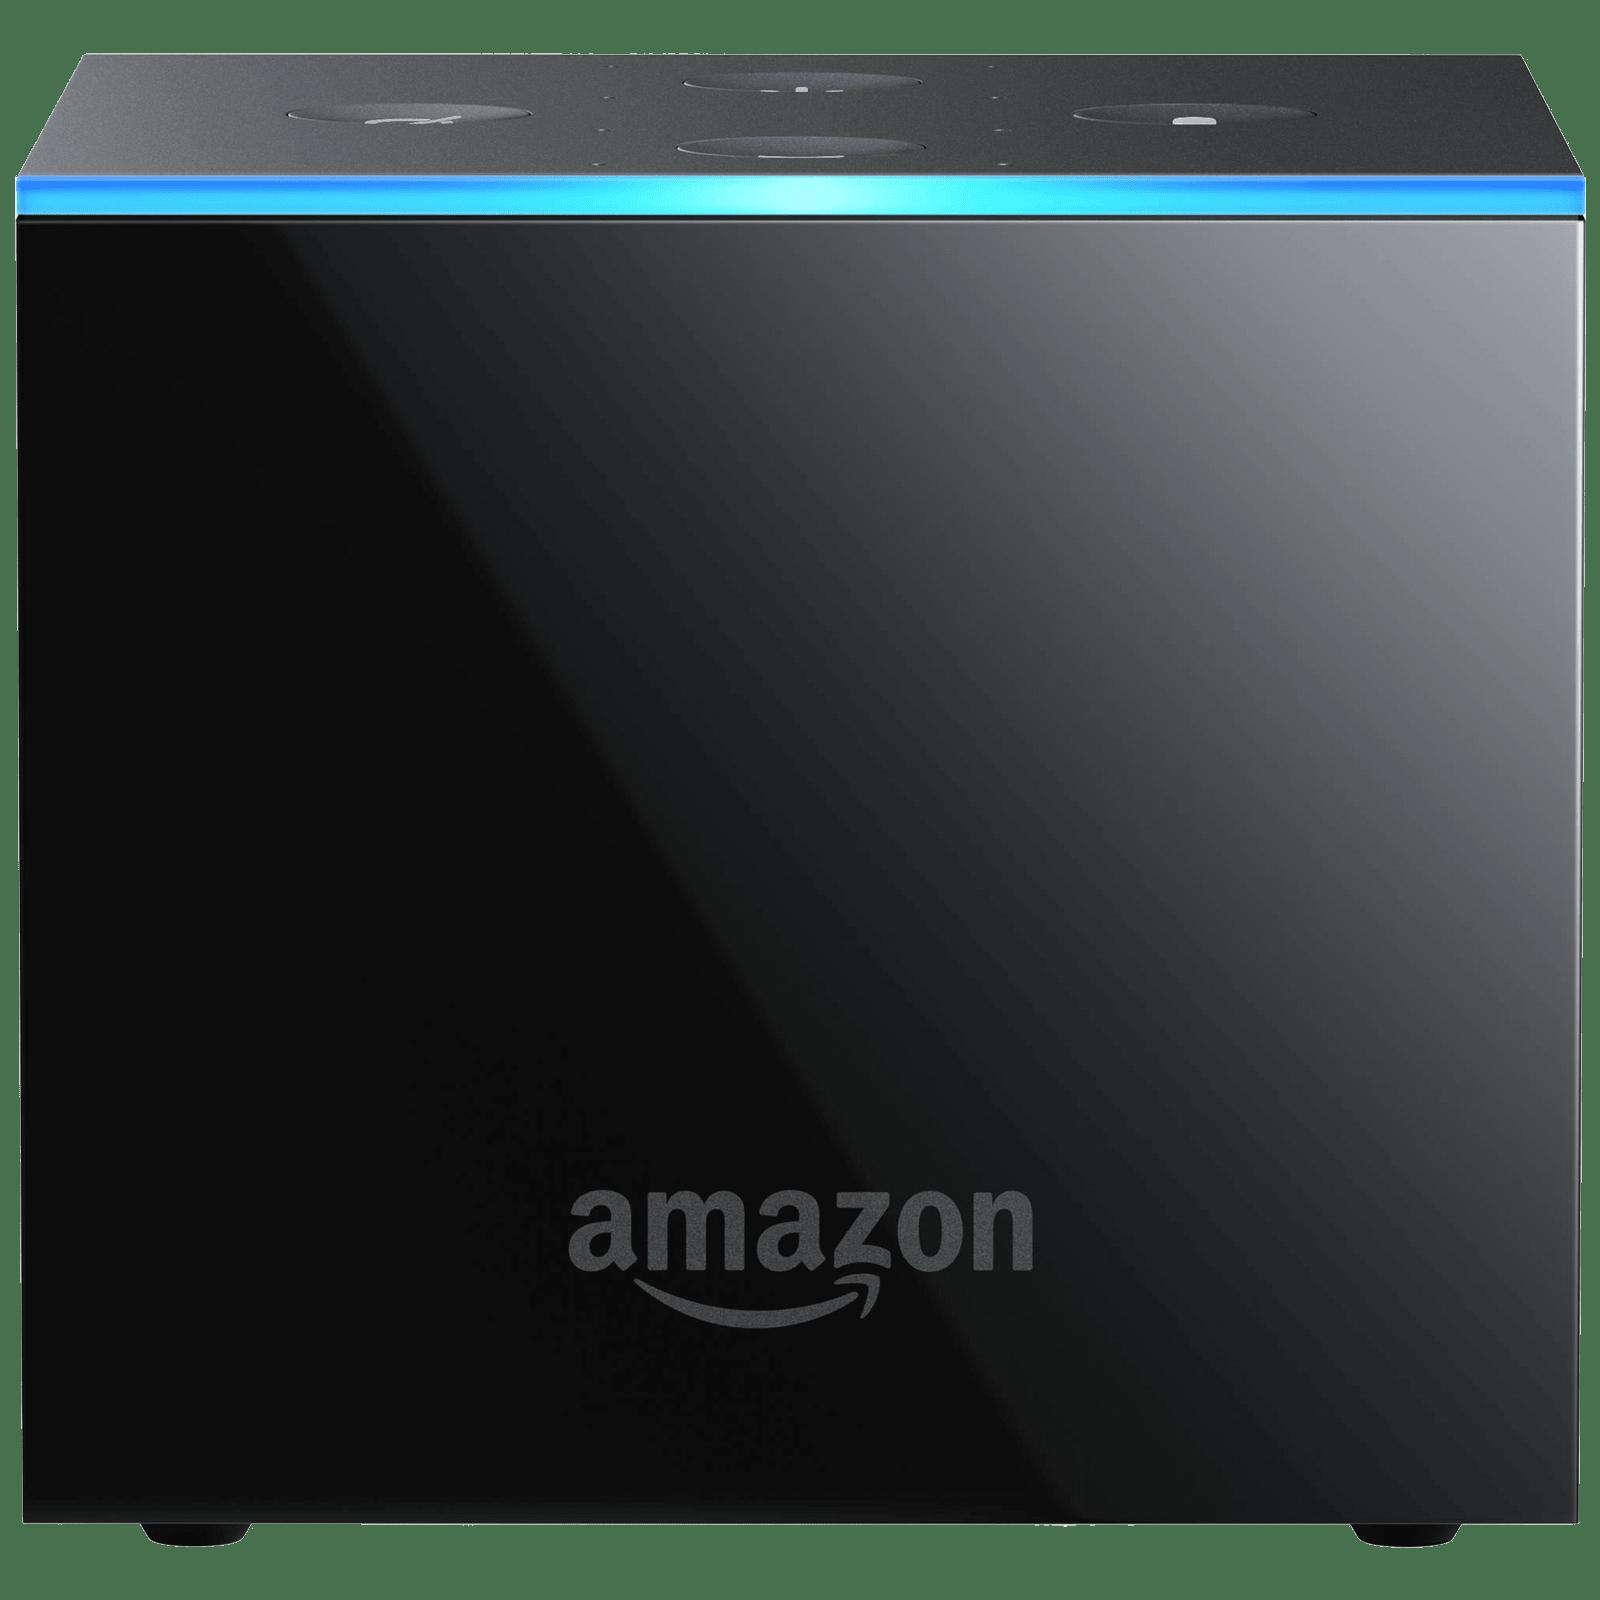 Amazon Fire TV Cube with Alexa Voice Remote (Hexa-Core Processor, B083VWSQJC, Black)